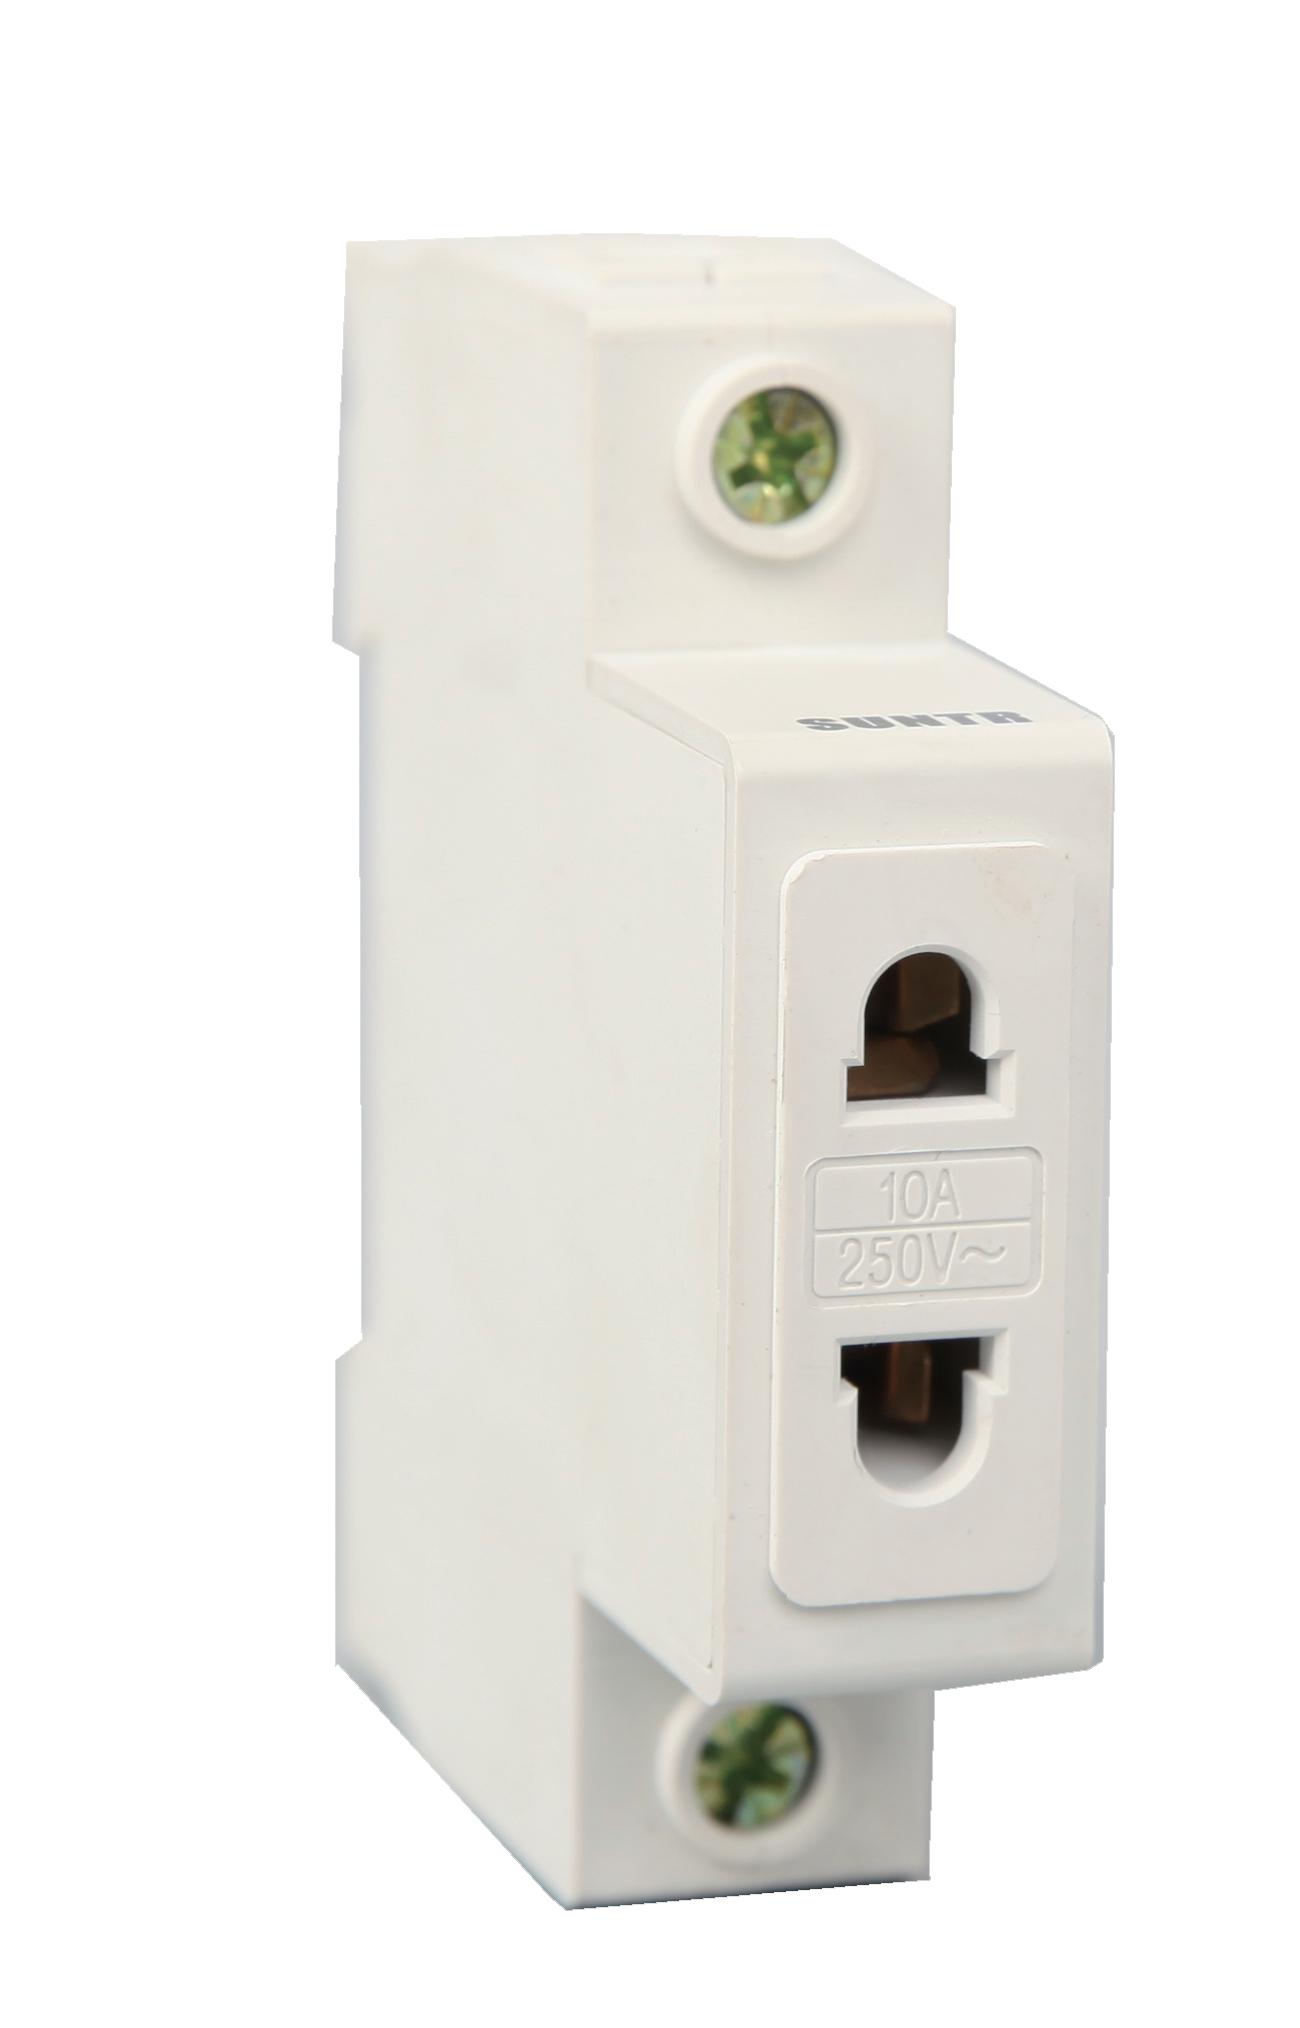 SA1系列模数化插座